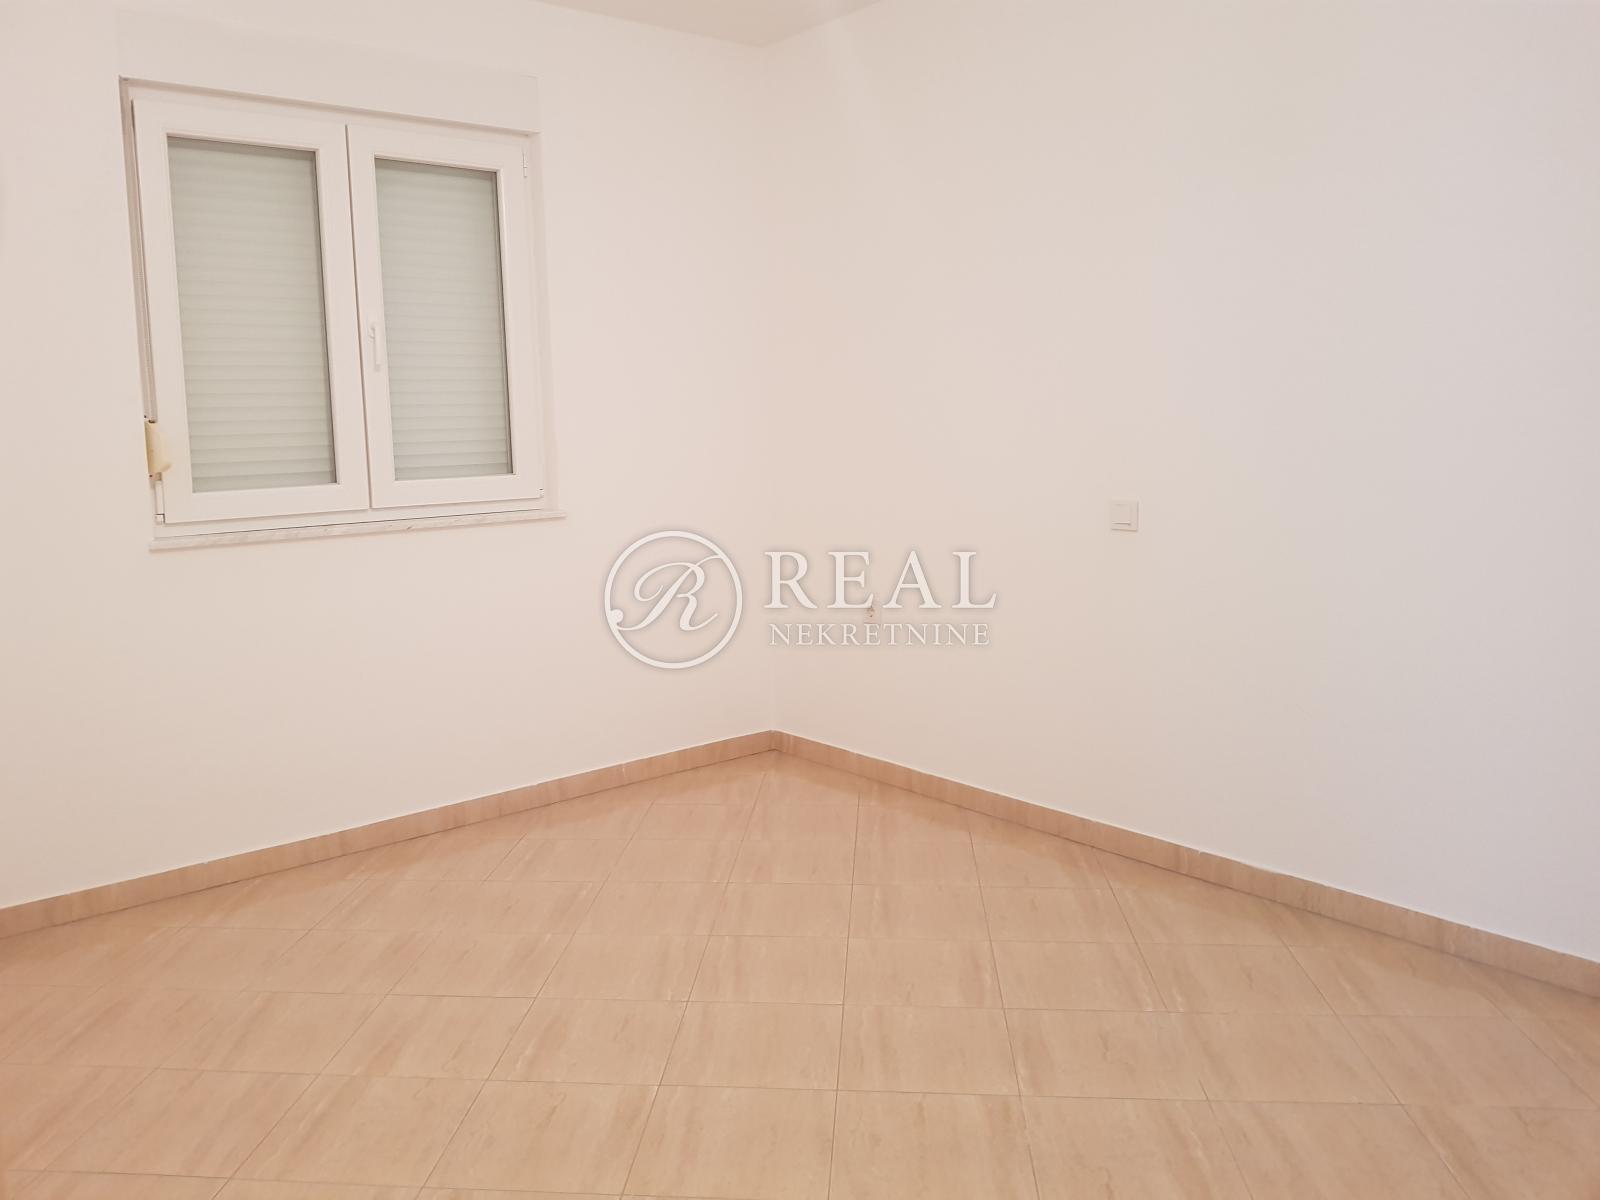 Rab, stan u blizini centra Raba od 80 m2 sa garažom i pripadajućom okućnicom